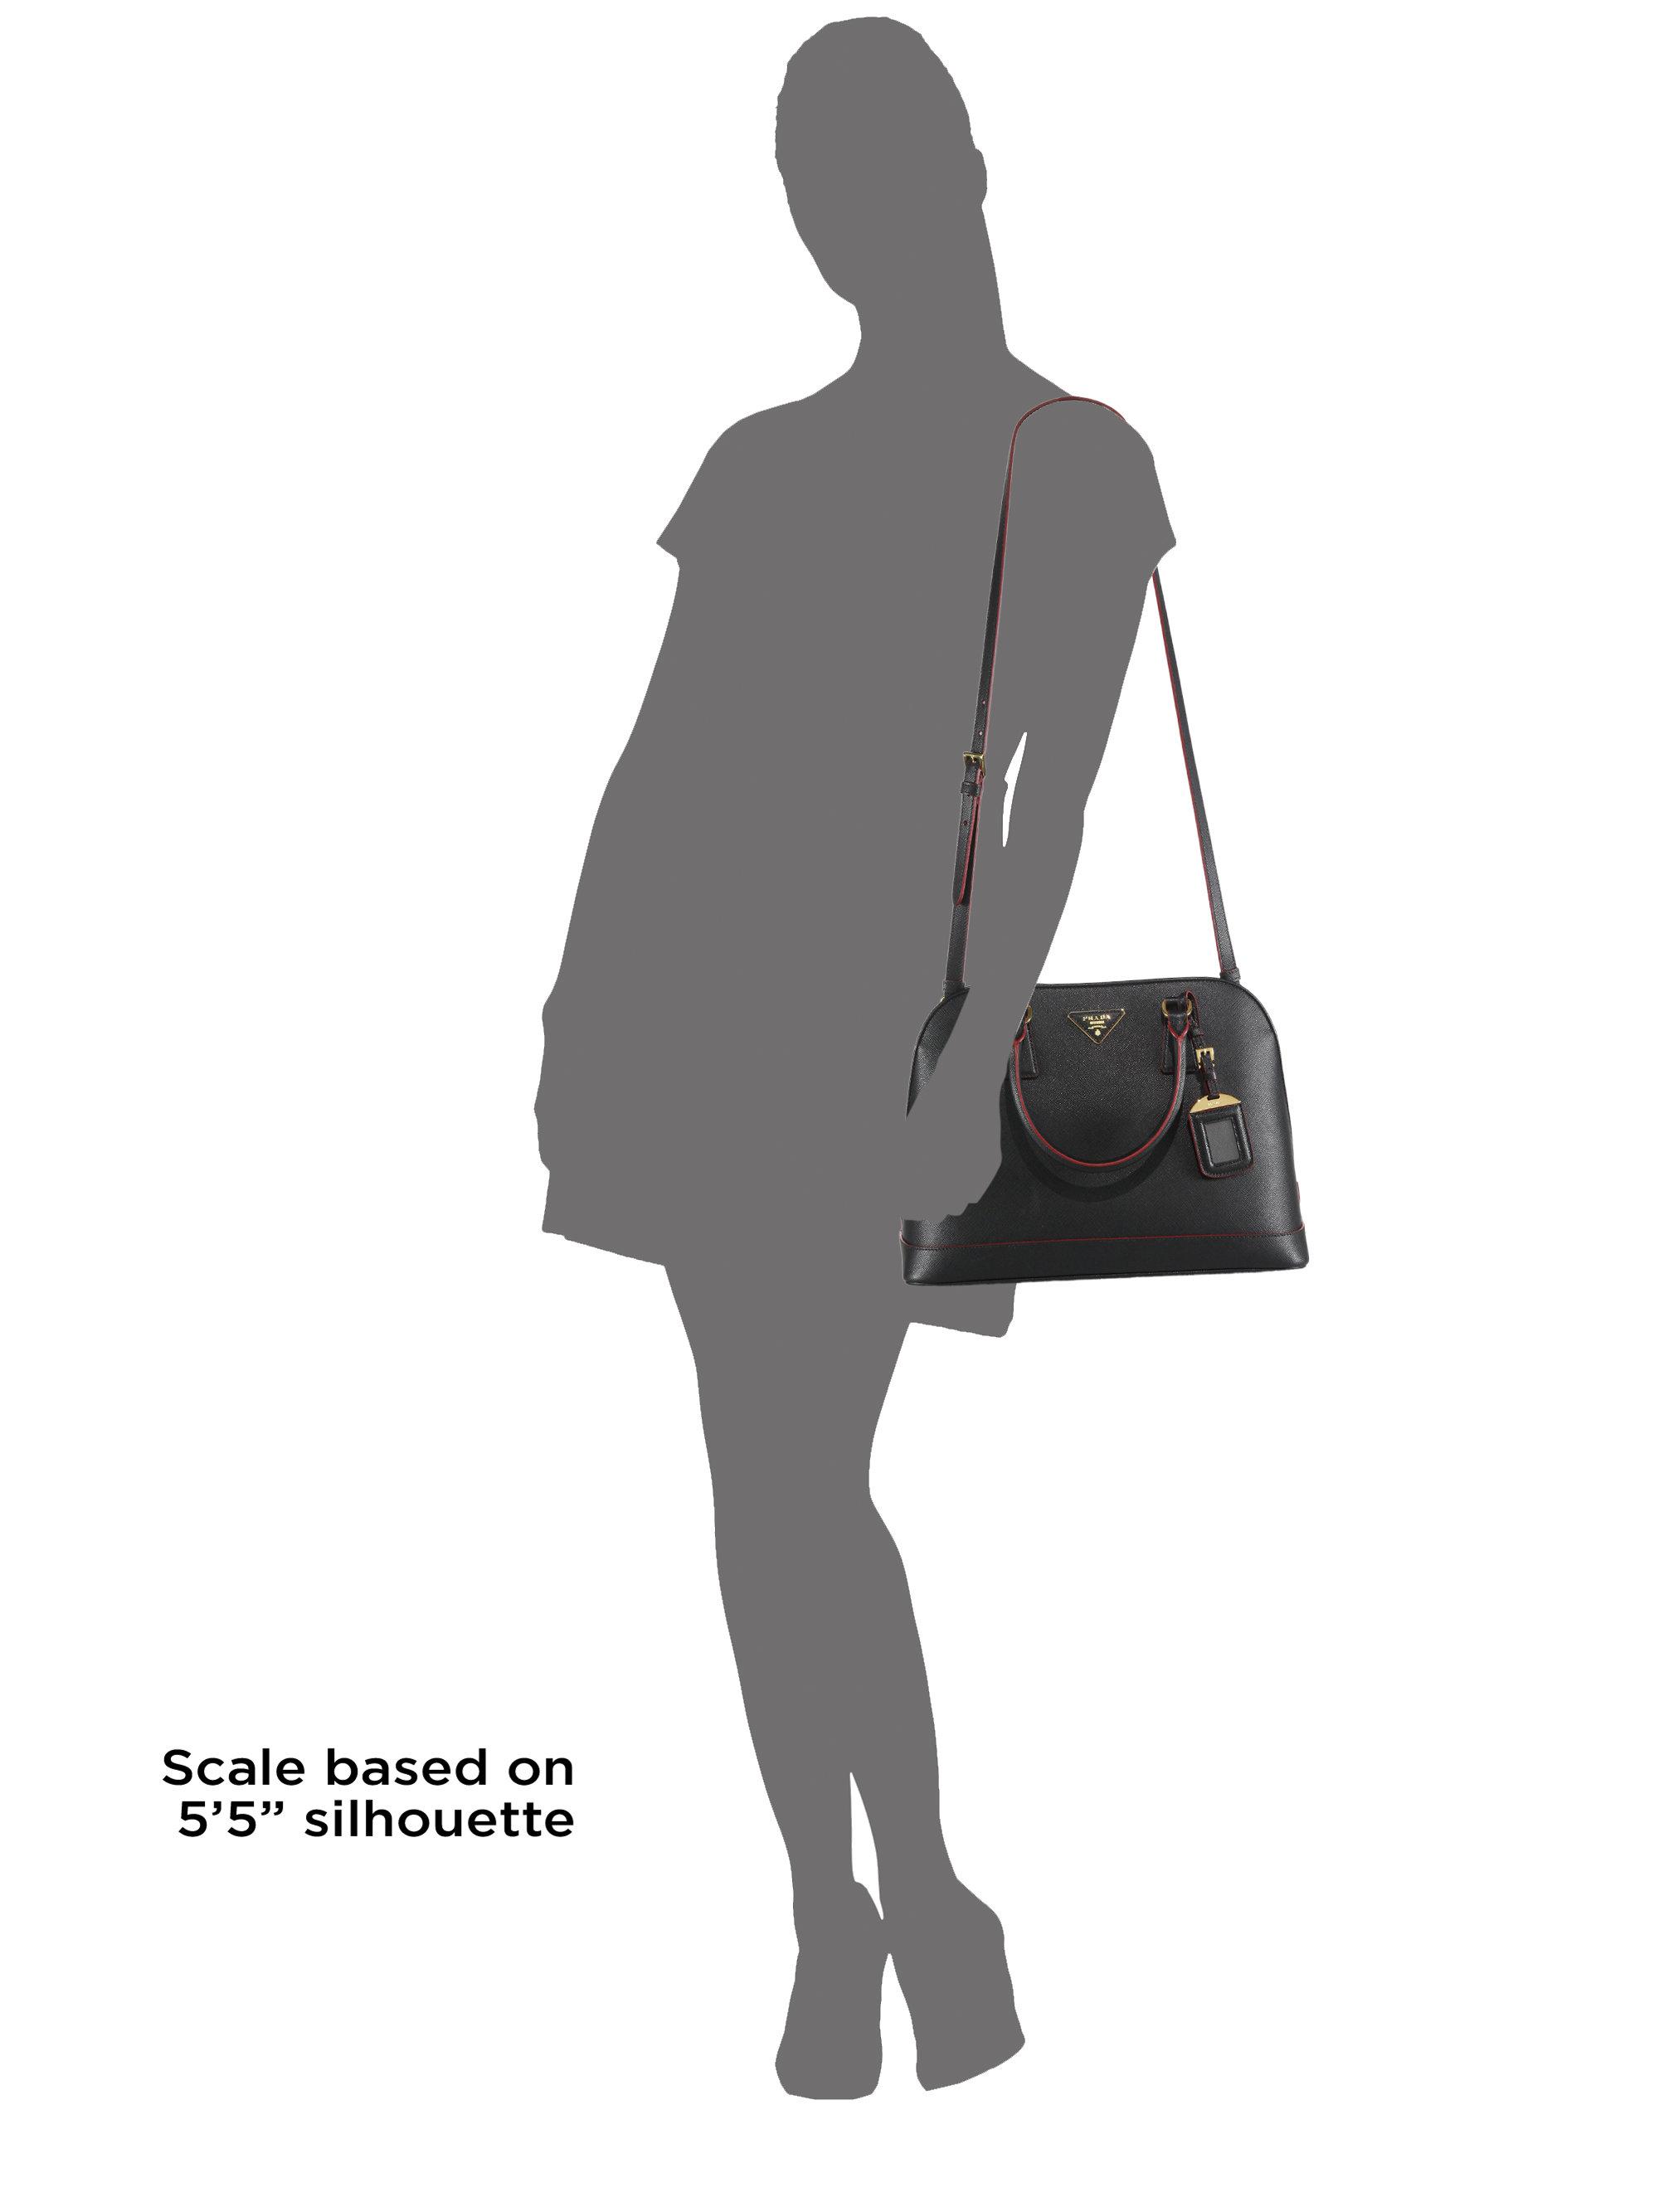 106ff56da8e4 Prada Saffiano Lux Promenade Leather Satchel in Black - Lyst